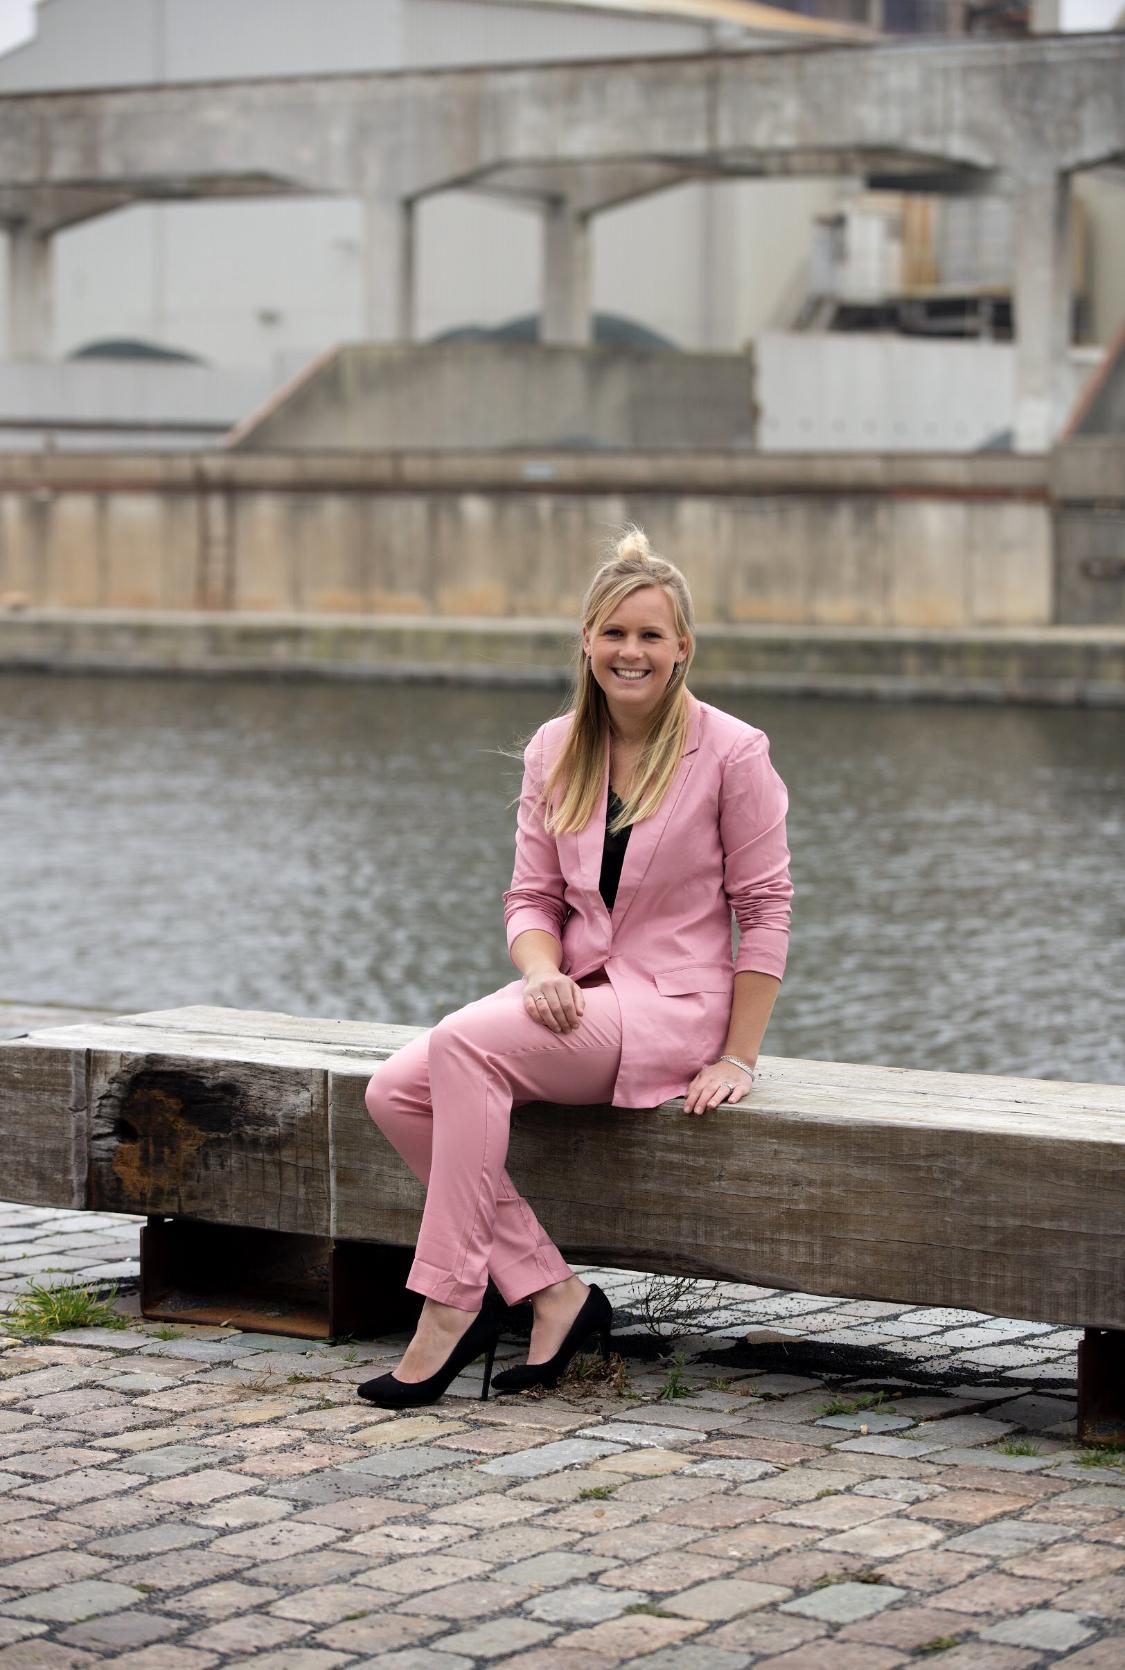 Cassandra Bleuel